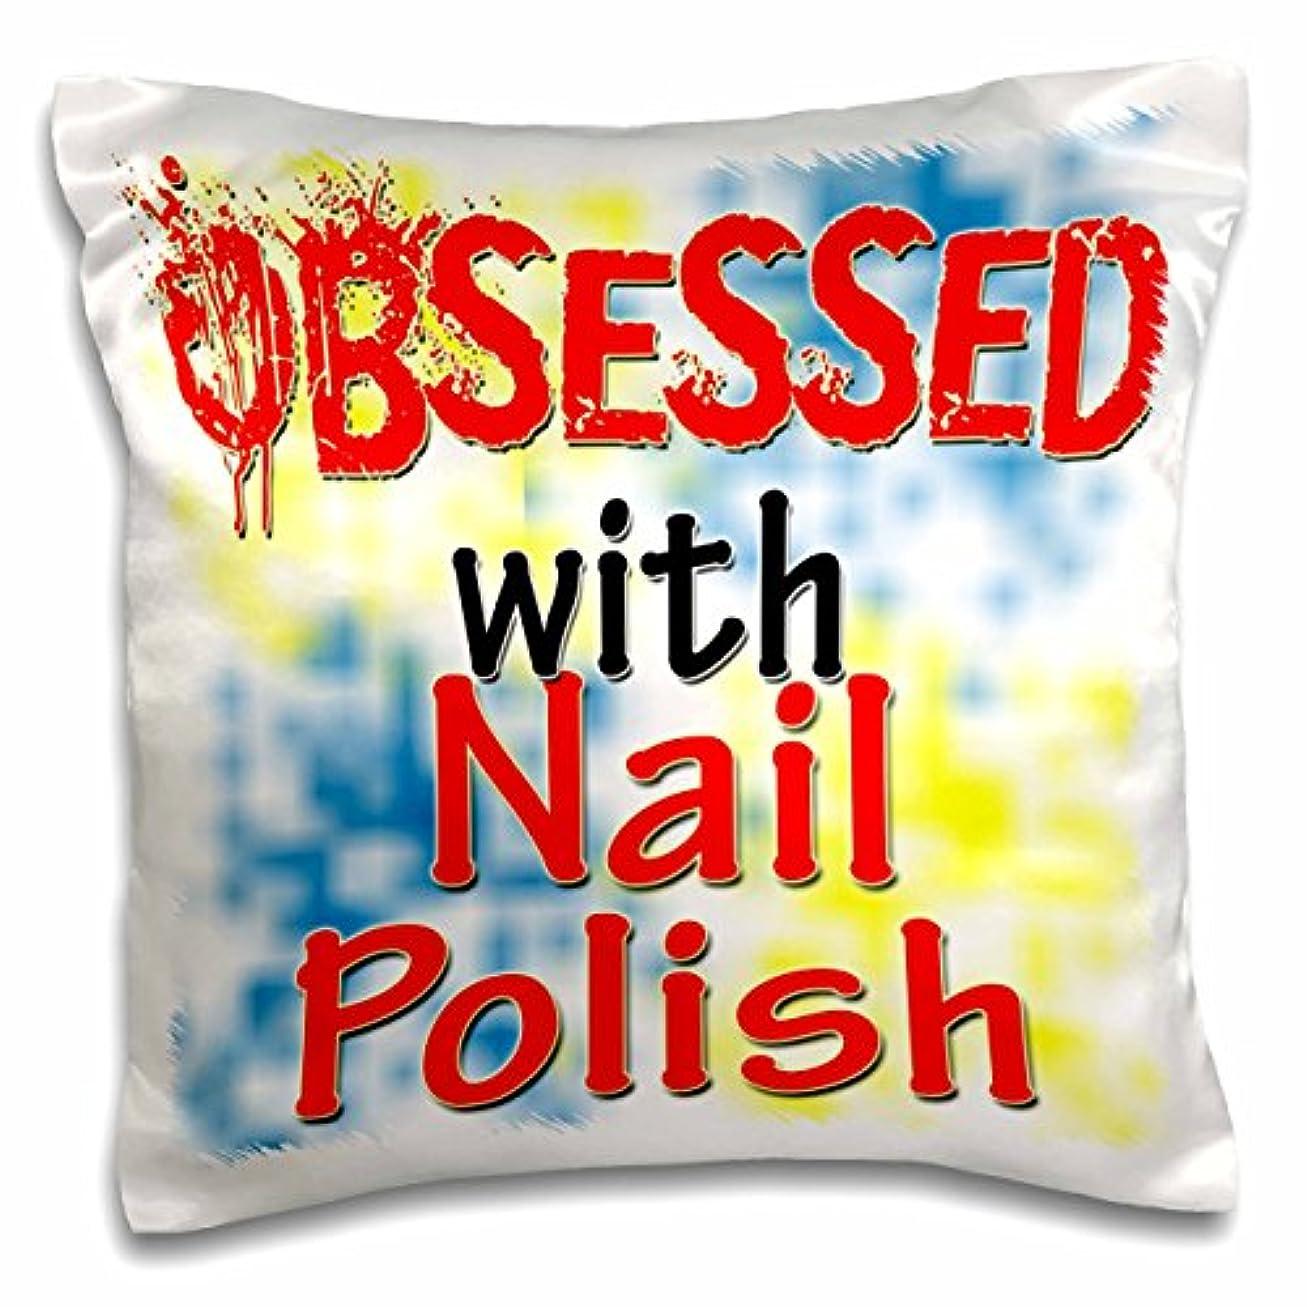 悲しみ肺炎薄暗い3droseブロンドDesigns Obsessed with – Obsessed with Nail Polish – 枕ケース 16